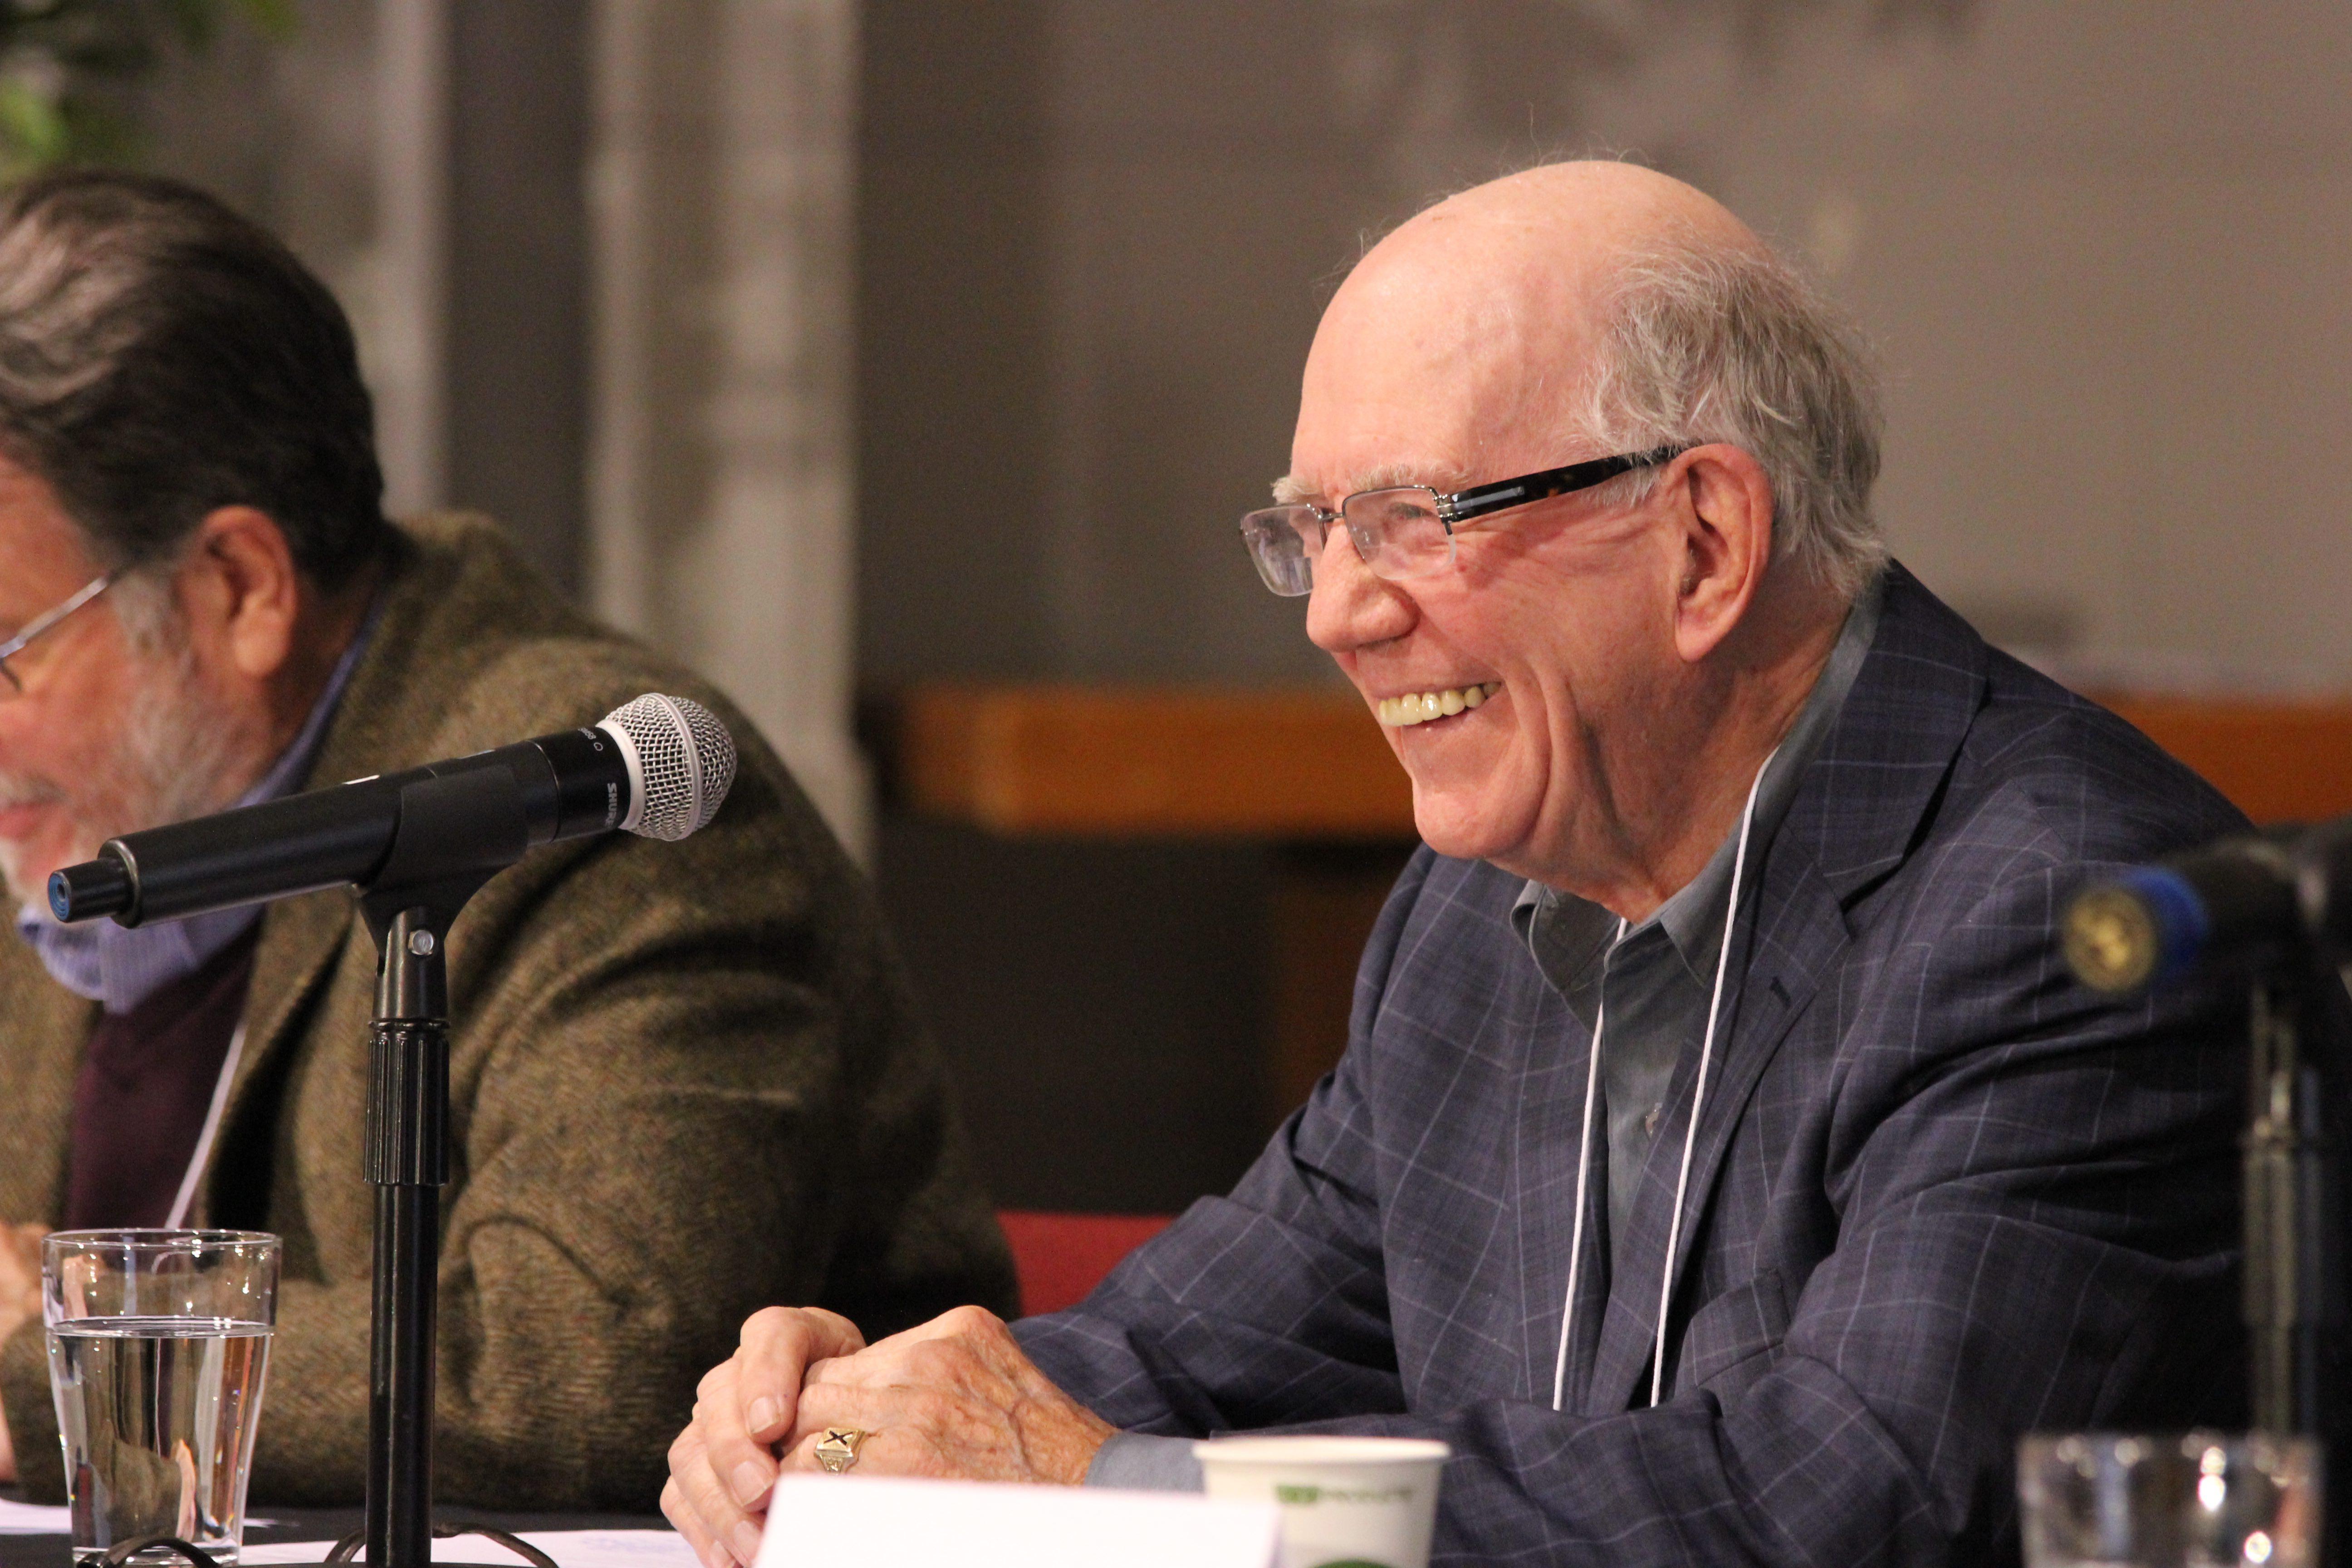 """Warren Allmand à la conférence """"Arar+10: La sécurité nationale et les droits humains, 10 ans plus tard"""", organisée par la CSILC en collaboration avec Amnistie internationale, le Centre de recherche et d'enseignement sur les droits de la personne, et le Centre d'études en politiques internationales de l'Université d'Ottawa, en octobre 2014. Crédit photo : Sébastien Packer"""